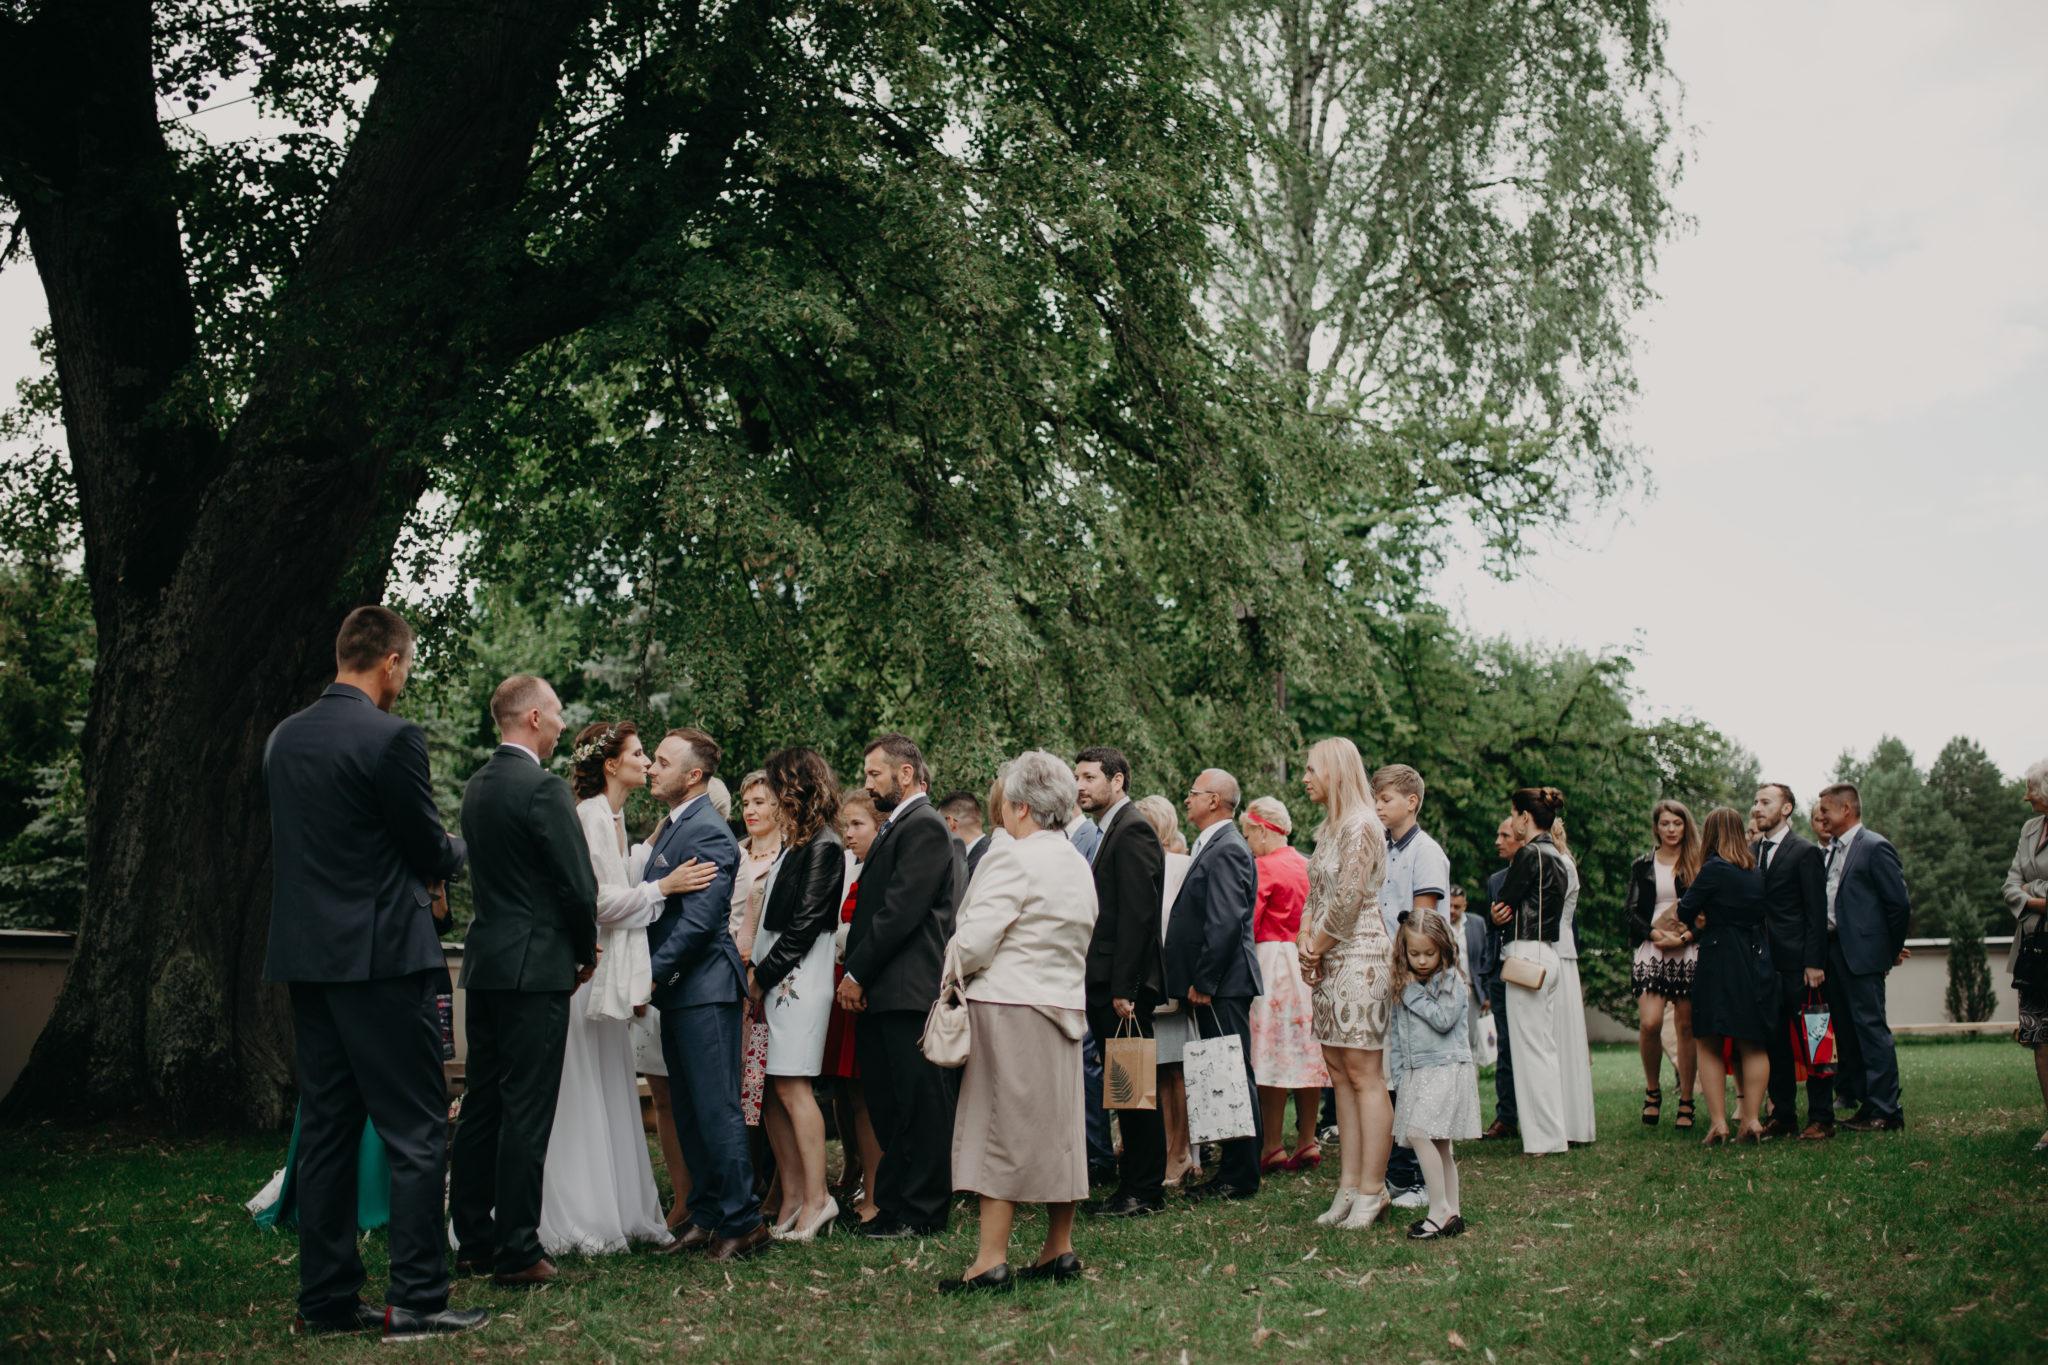 gosia i kuba70 - fotografiagk Fotografia ślubna RK wedding